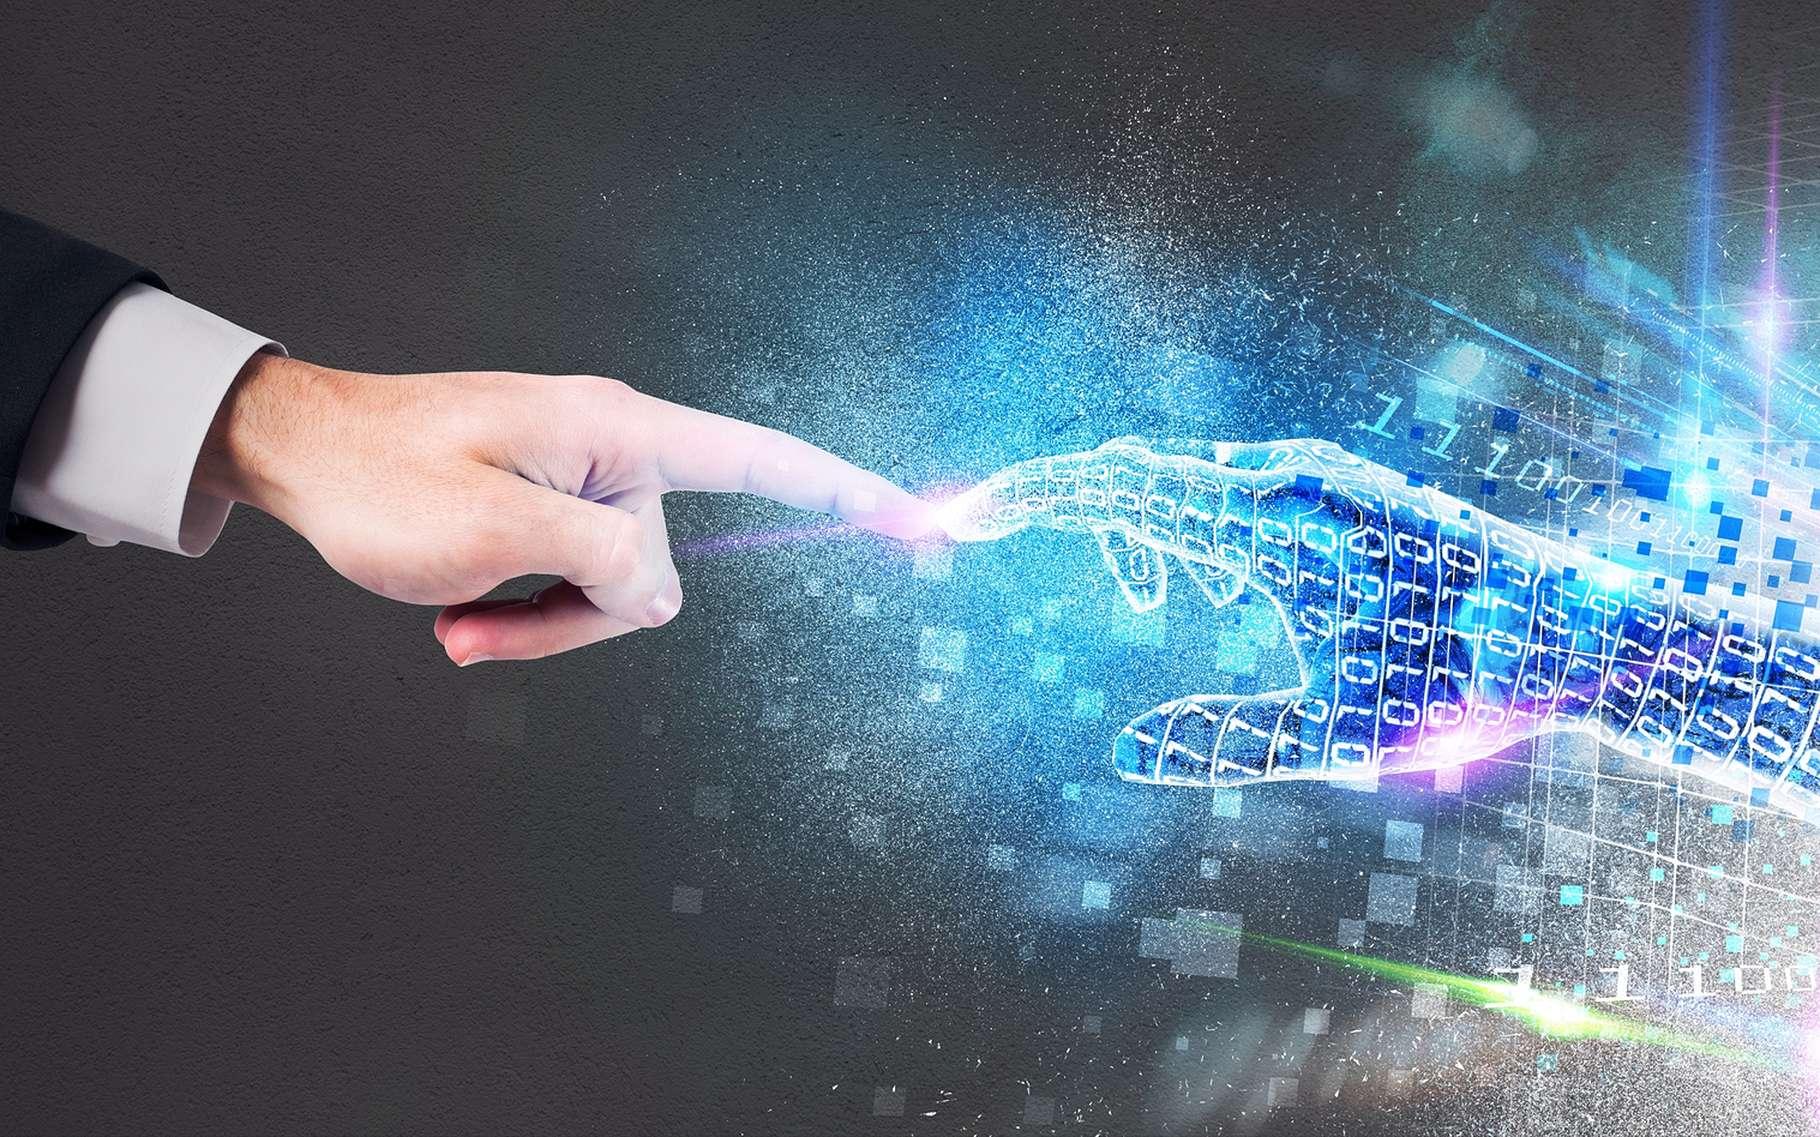 Les futures mains virtuelles de Microsoft permettront-elles de manipuler n'importe quelle interface ? © alphaspirit, Shutterstock